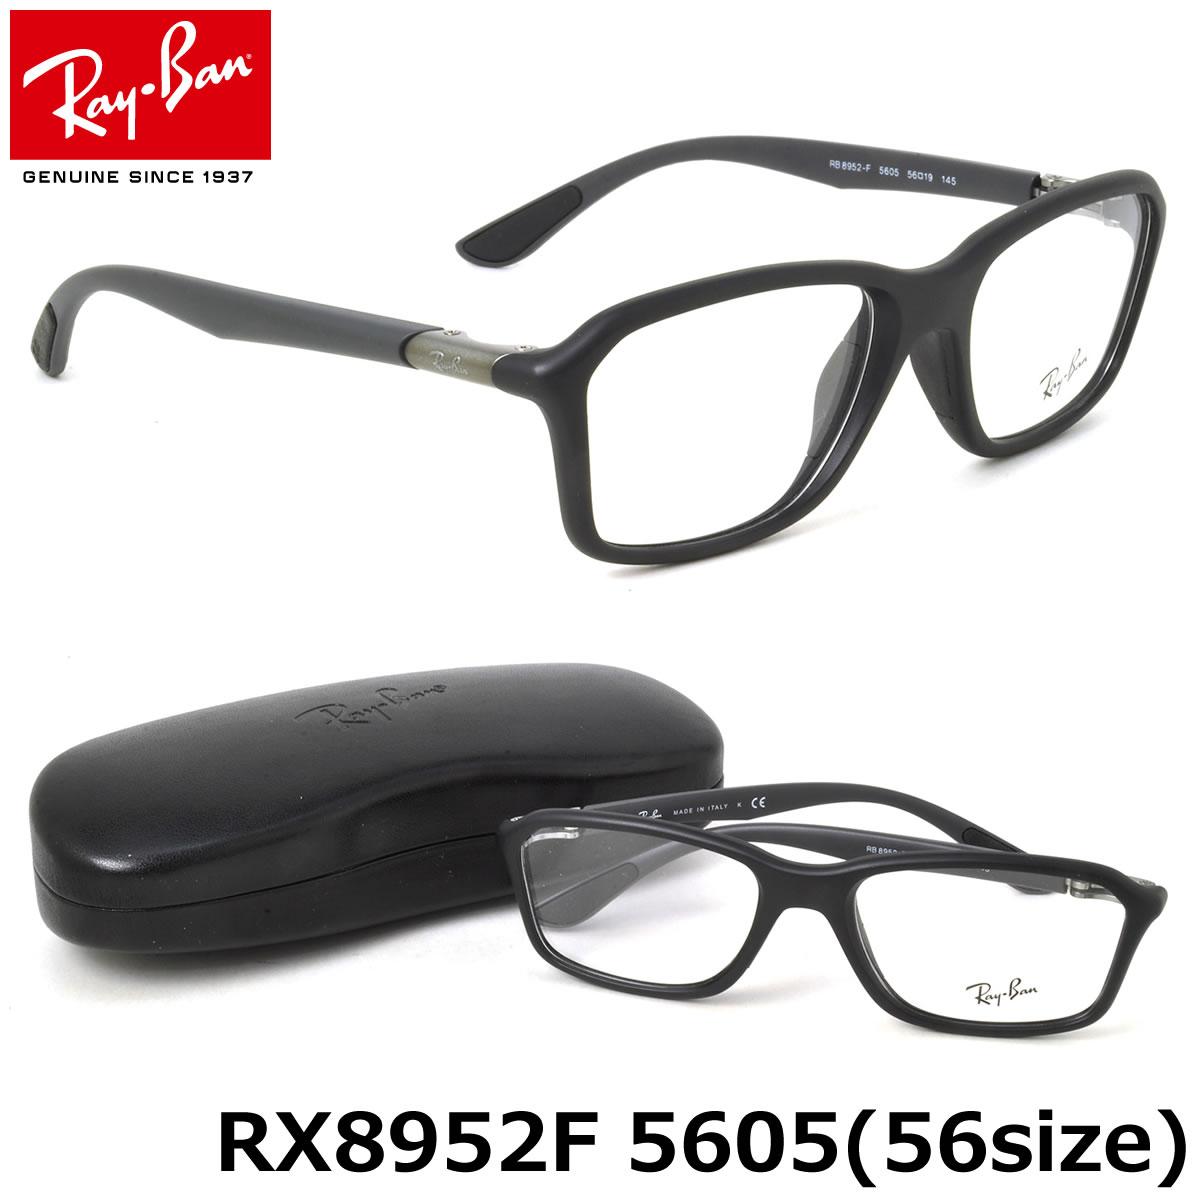 【10月30日からエントリーで全品ポイント20倍】レイバン メガネ フレーム Ray-Ban RX8952F 5605 56サイズ レクタングル フルフィット レイバン Ray-Ban RayBan メンズ レディース